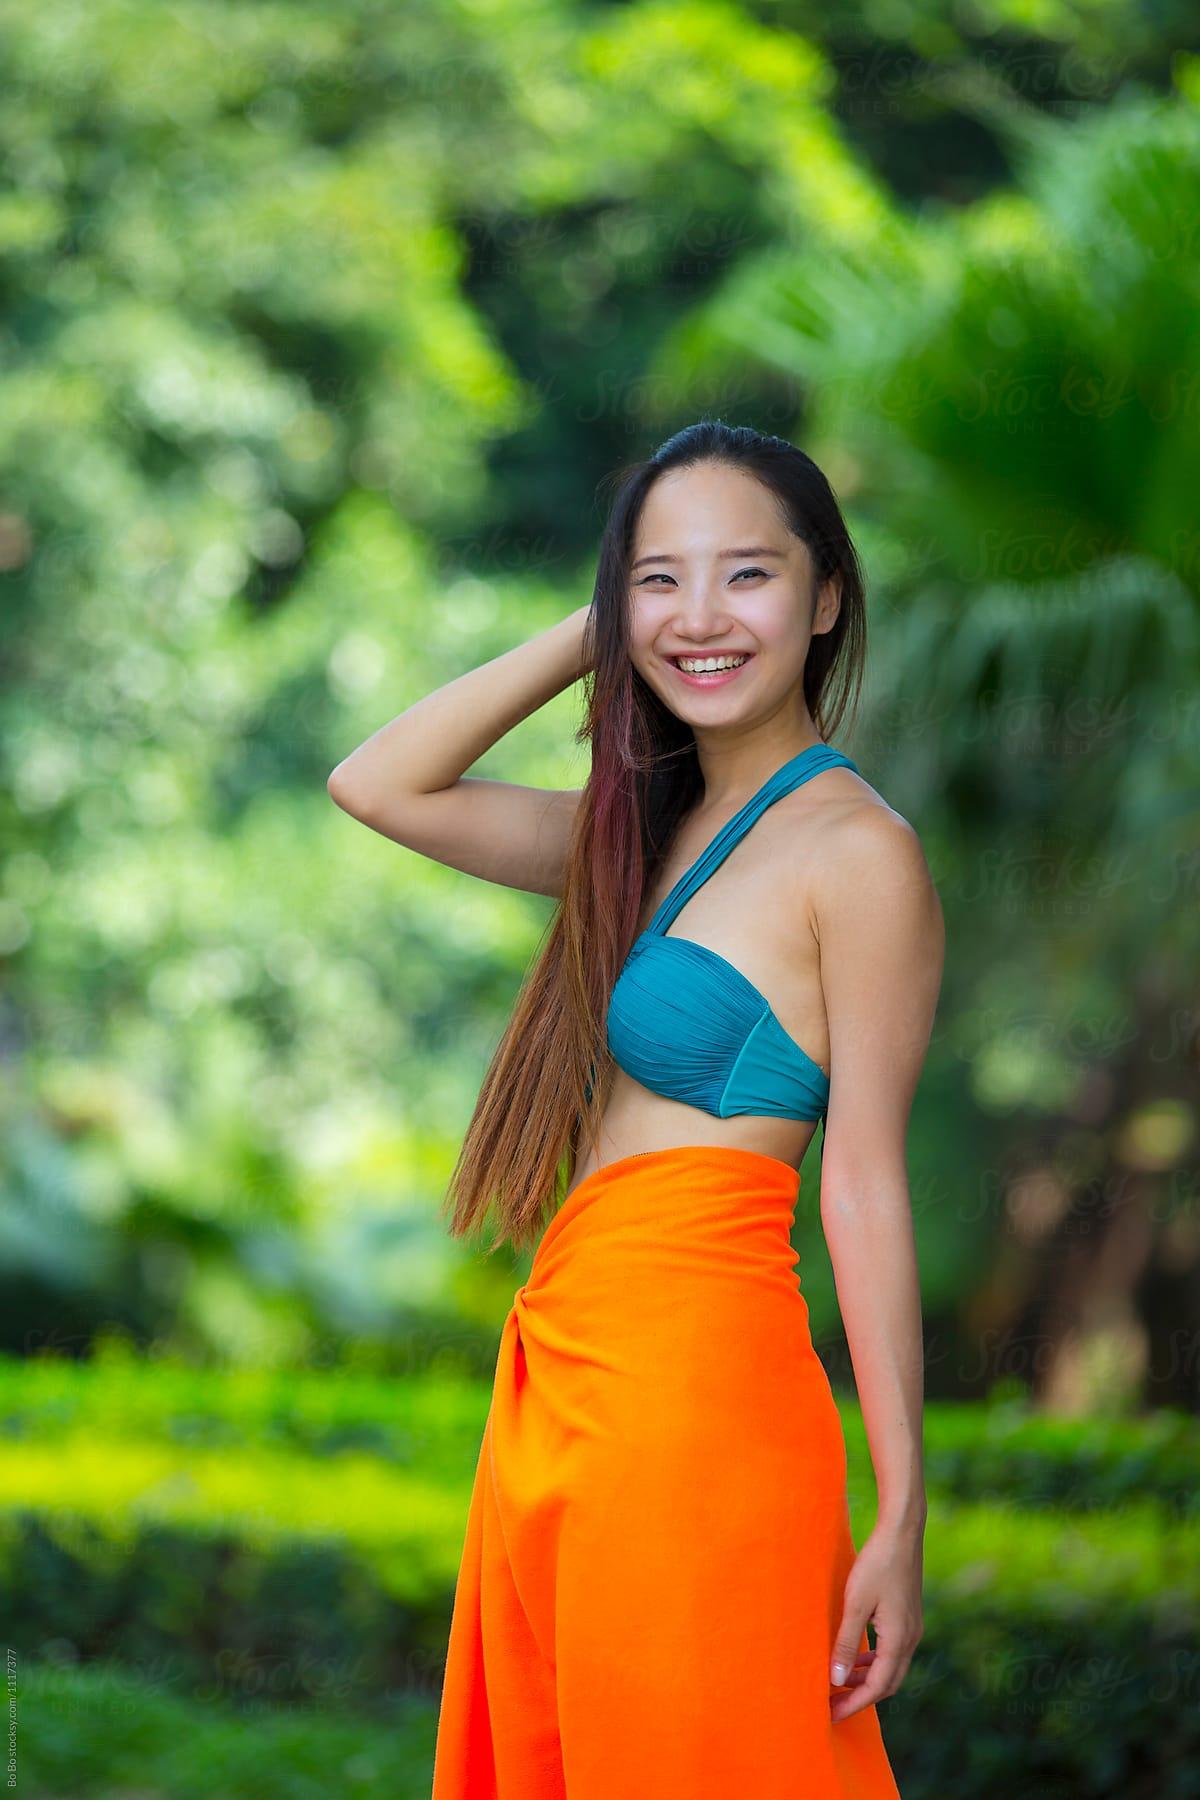 bikini Chinese girl in